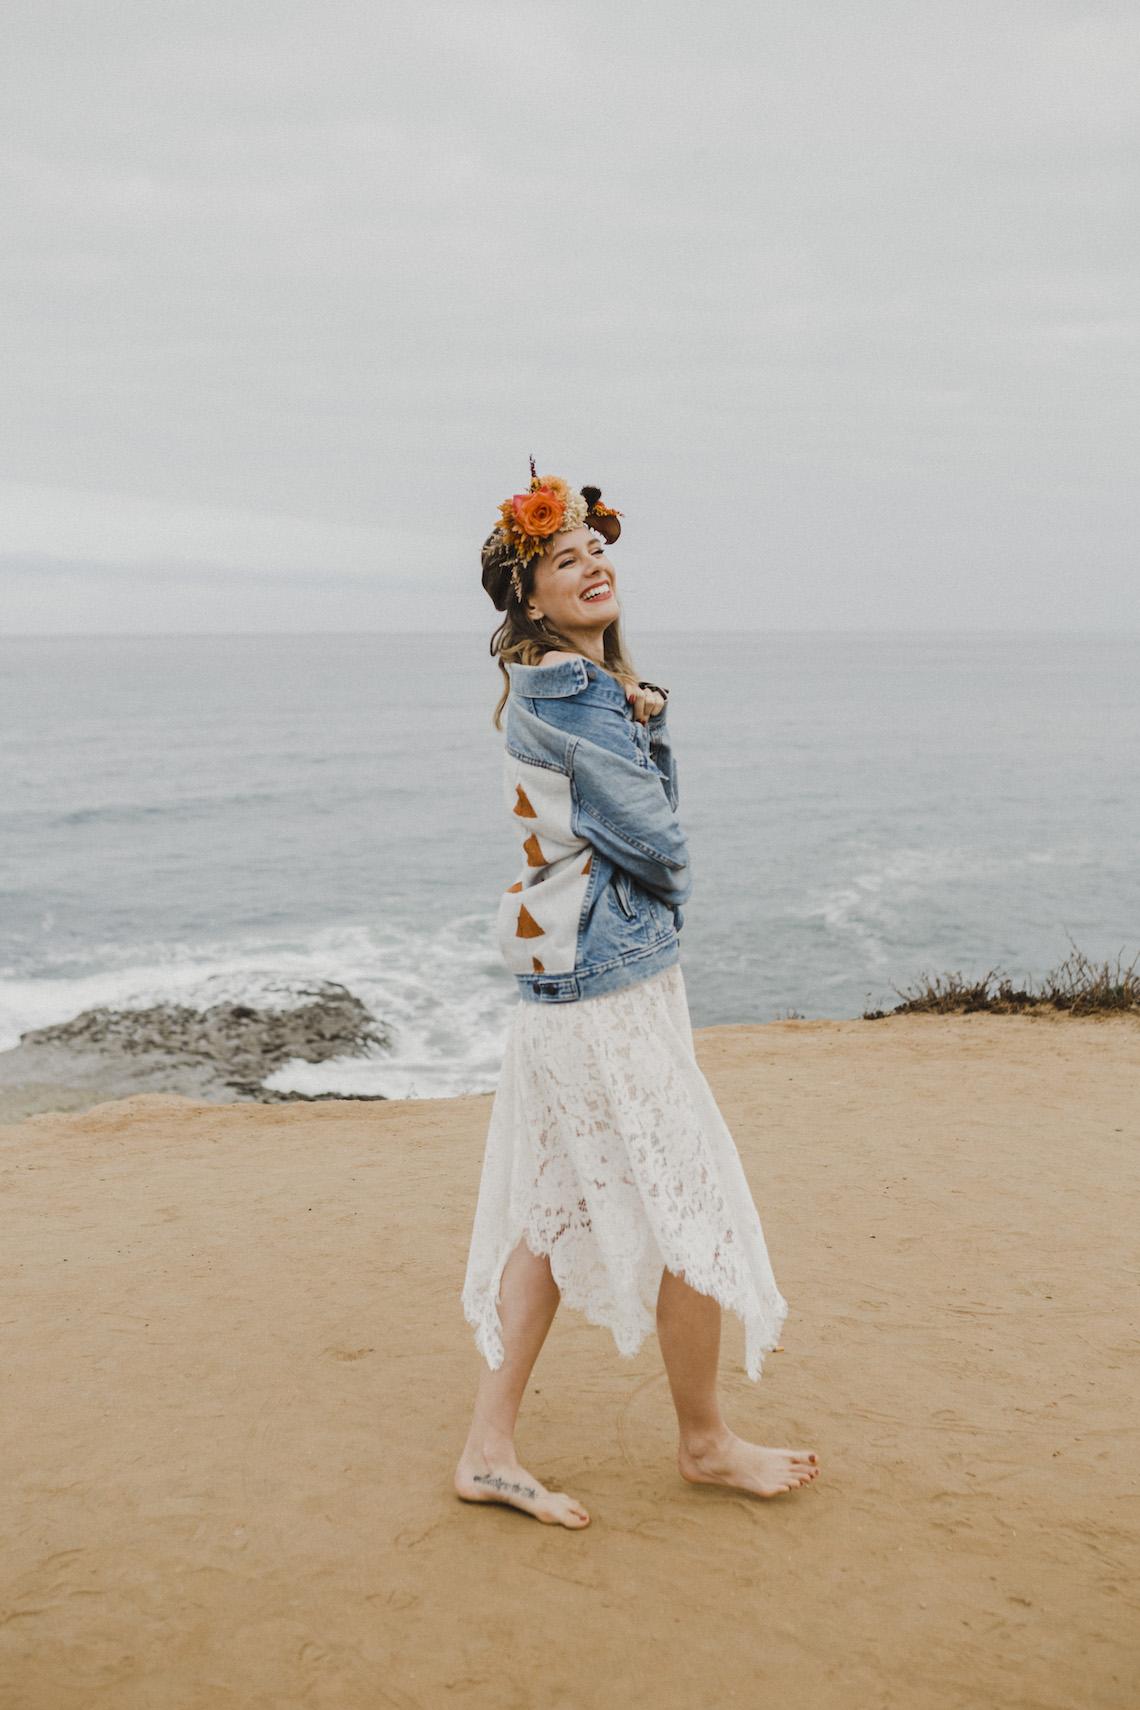 Southwestern Styled Beachy Wedding Ideas | Flourish | Madeline Barr Photo 48